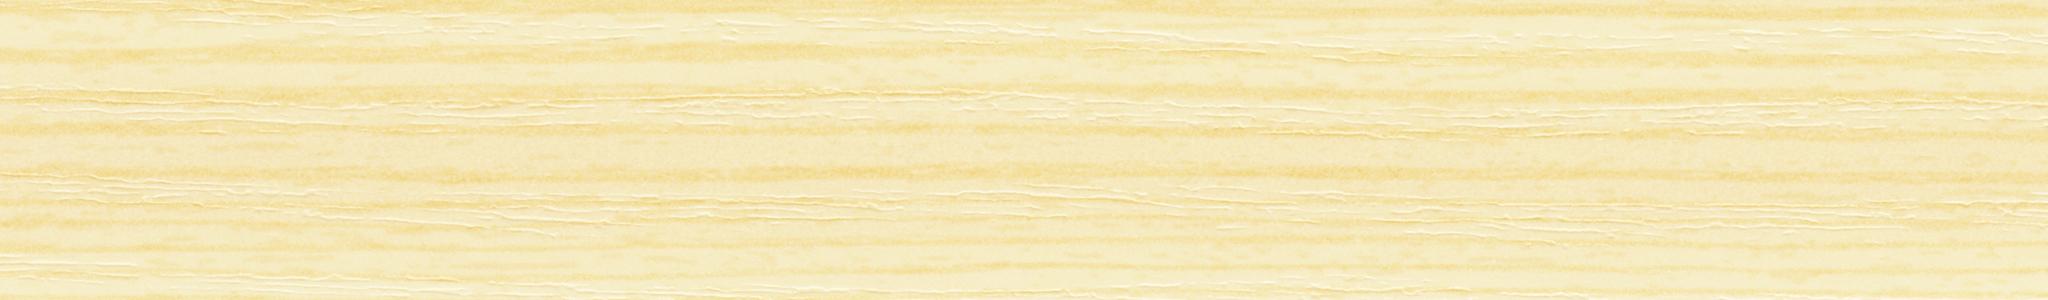 HD 45600 Melamin Kante Hell Kiefer Pore